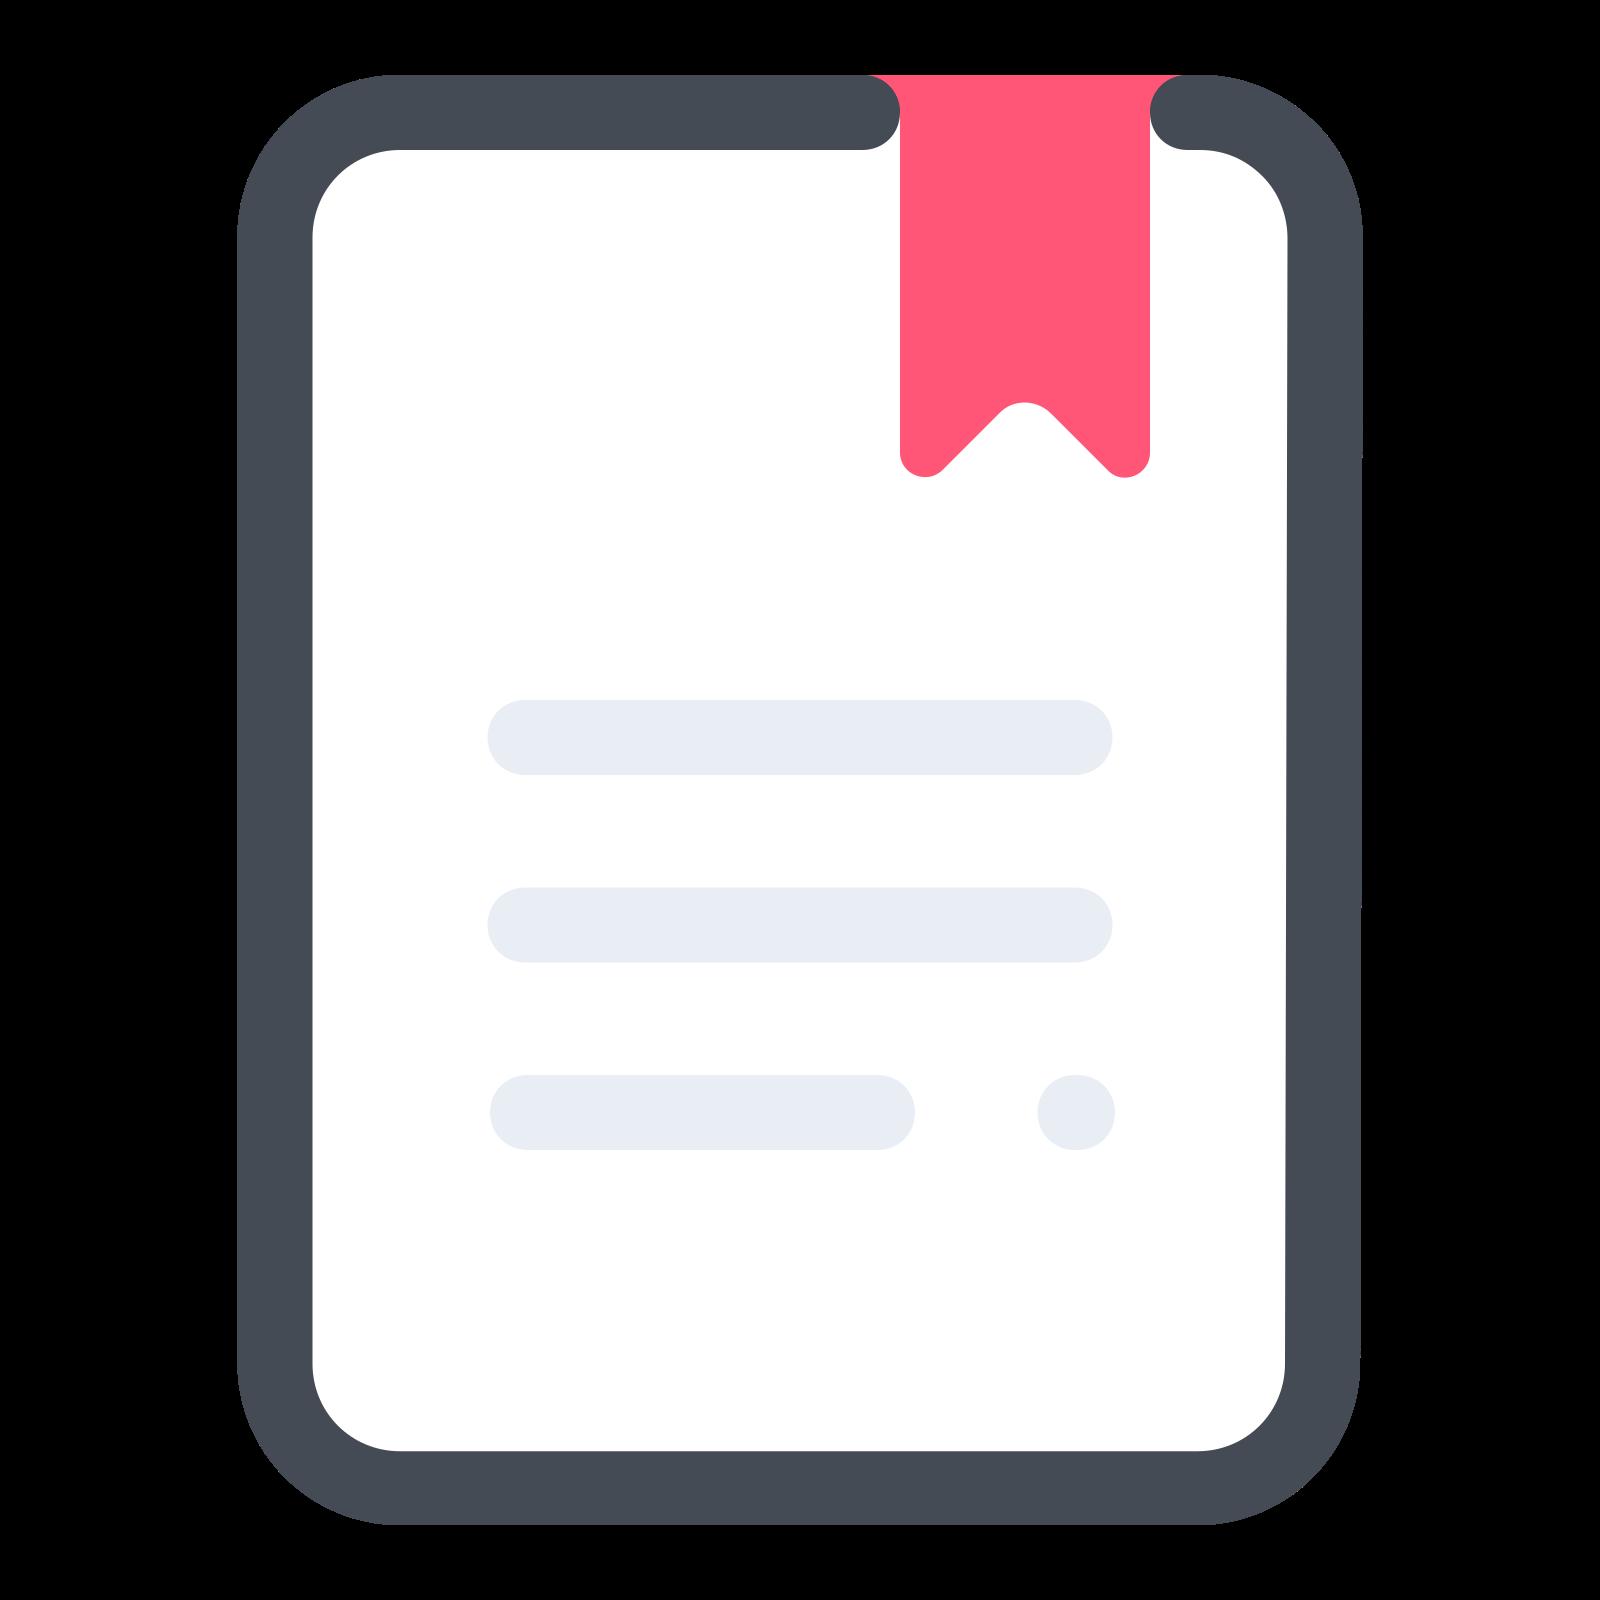 Dokument icon